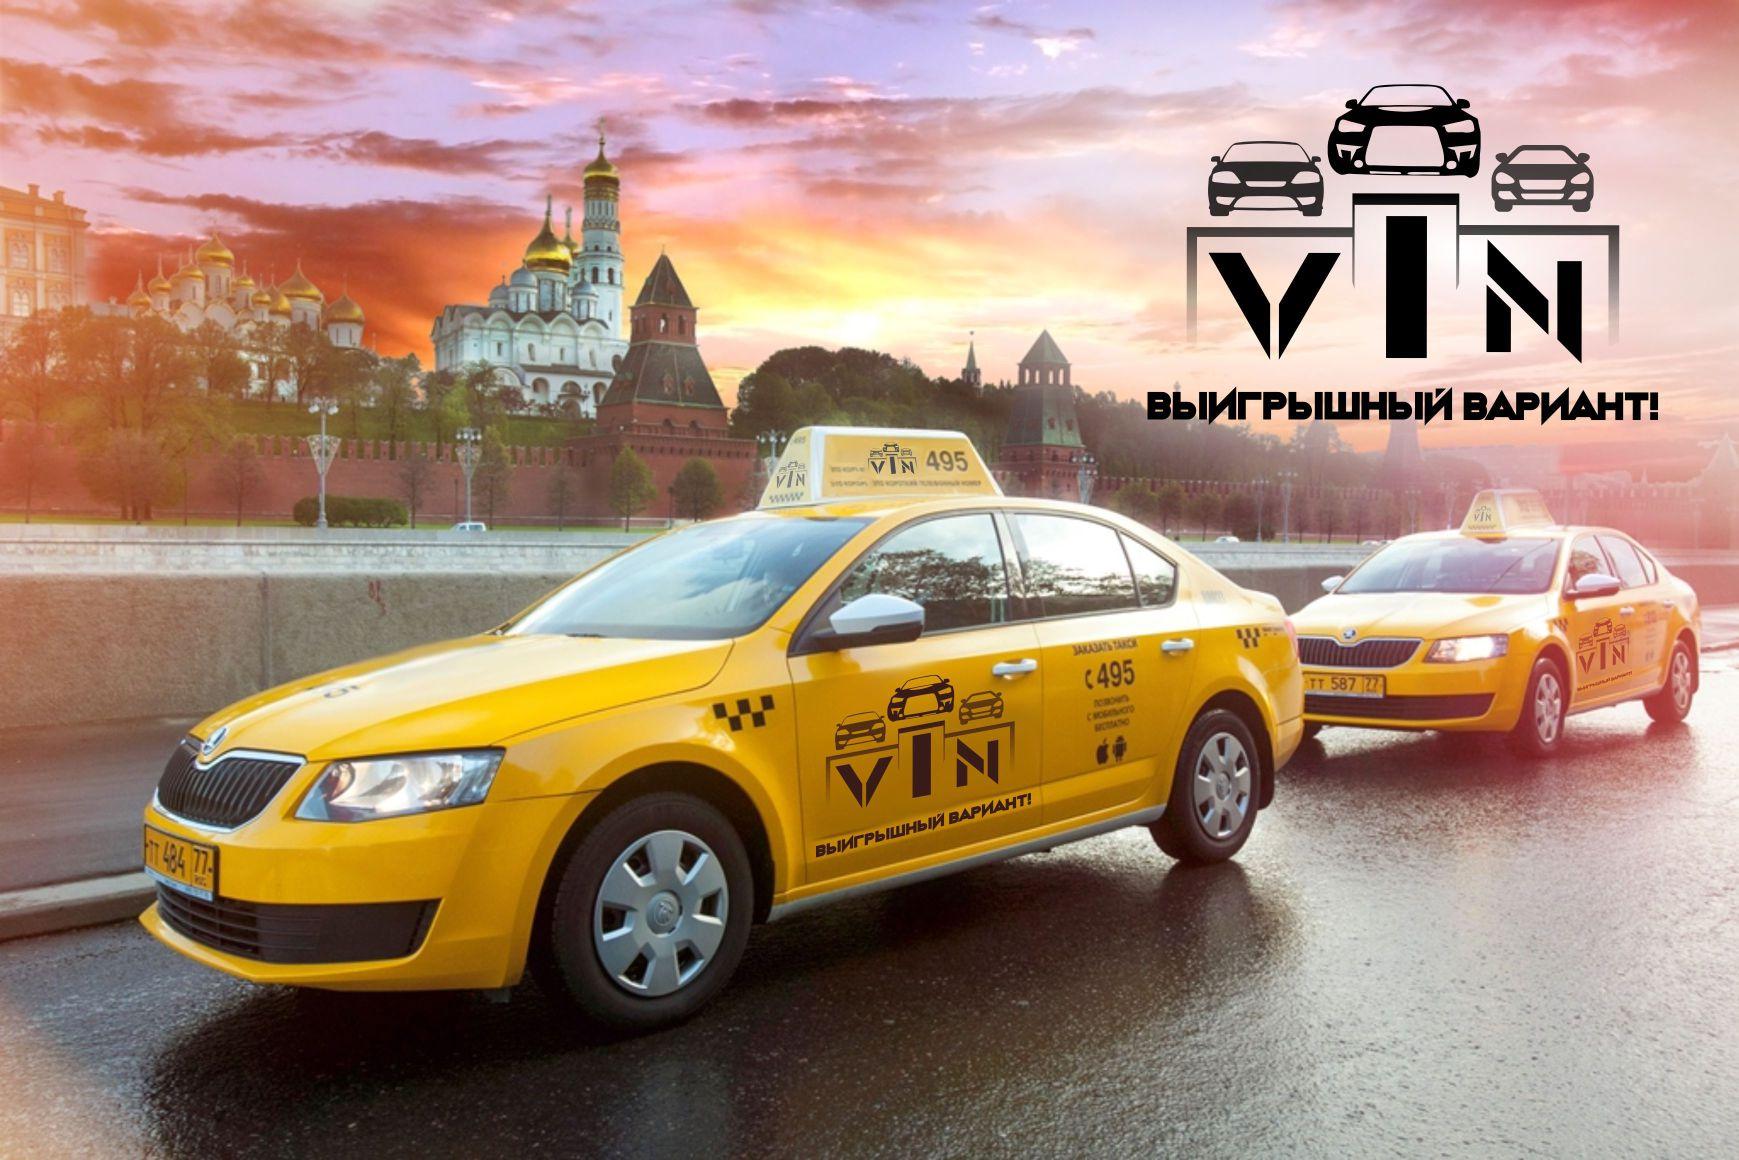 Разработка логотипа и фирменного стиля для такси фото f_7875b9ce353a1e57.jpg